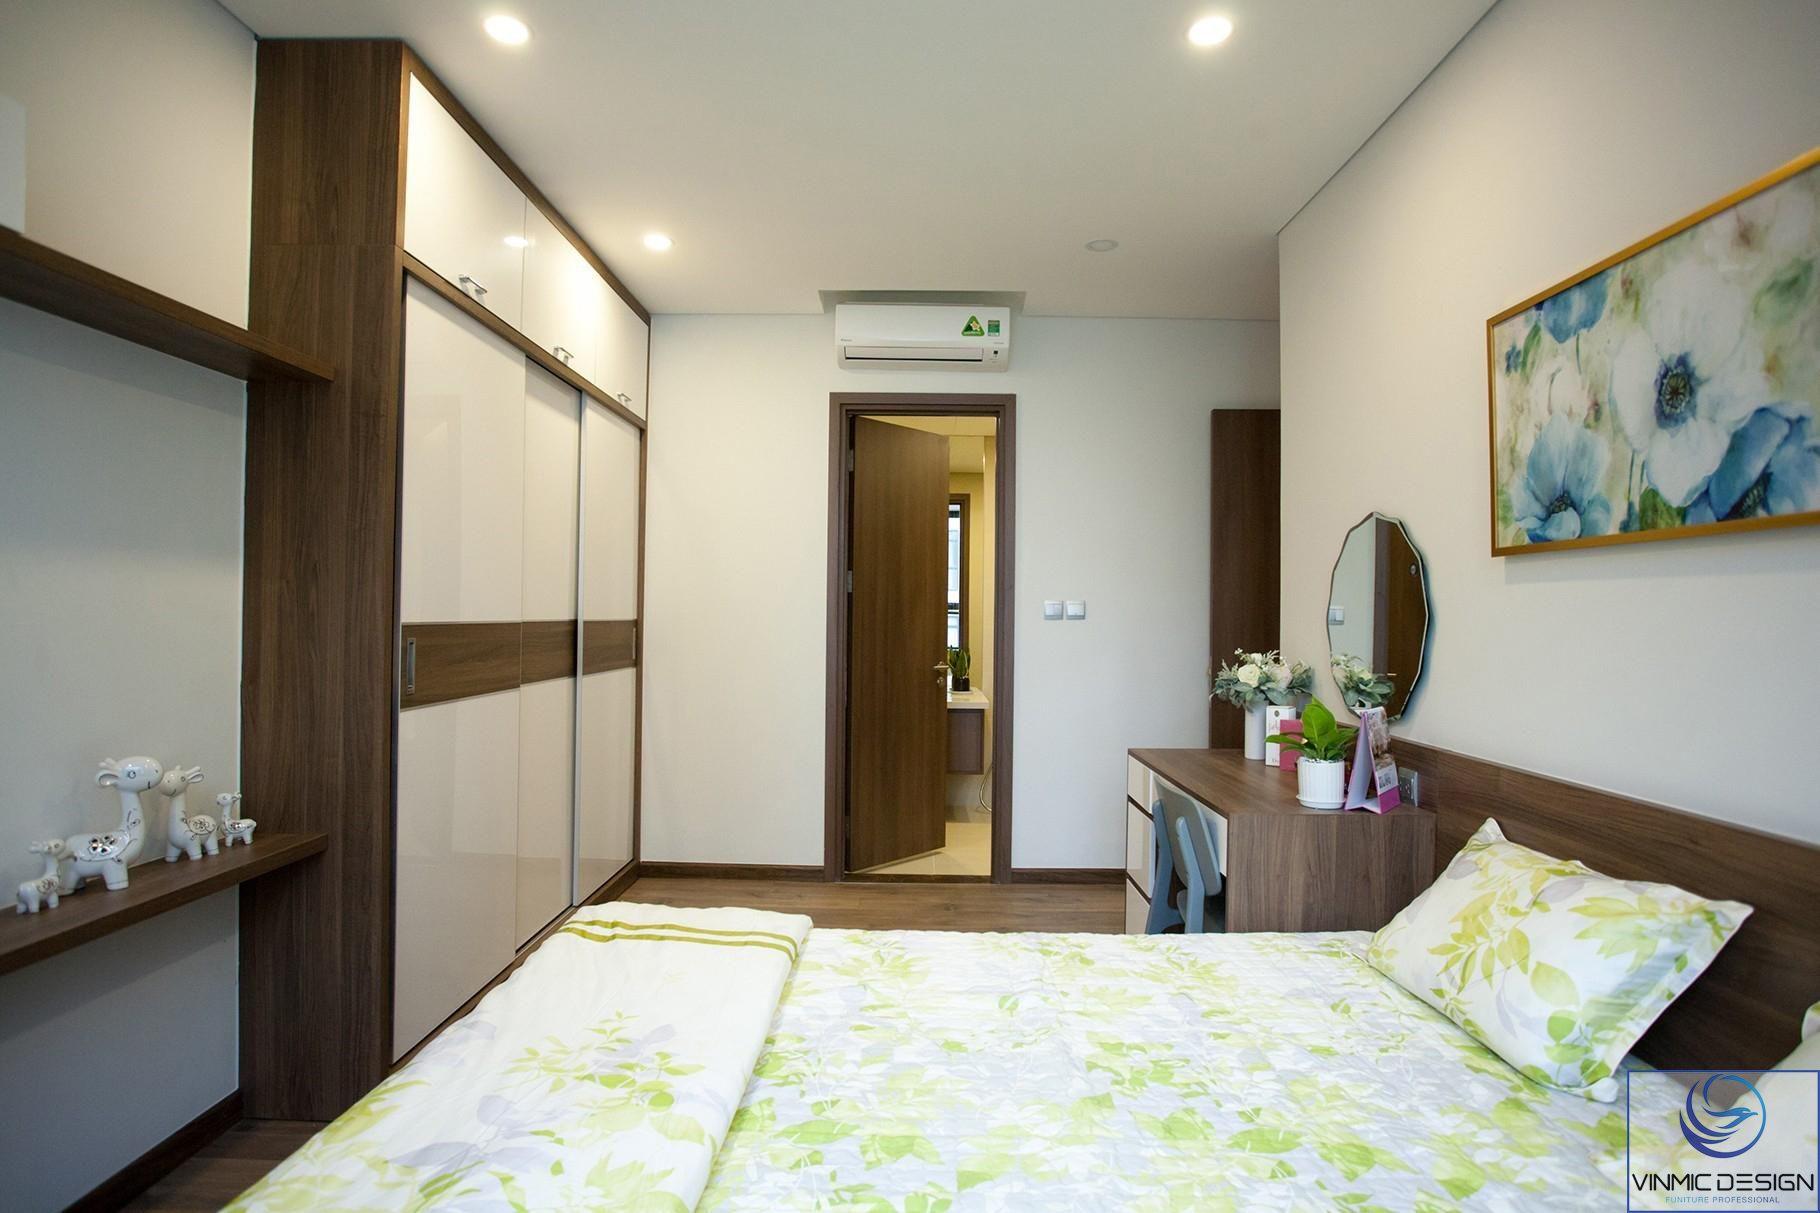 Phòng ngủ của vợ chồng Vinmic làm tông màu tươi mát.